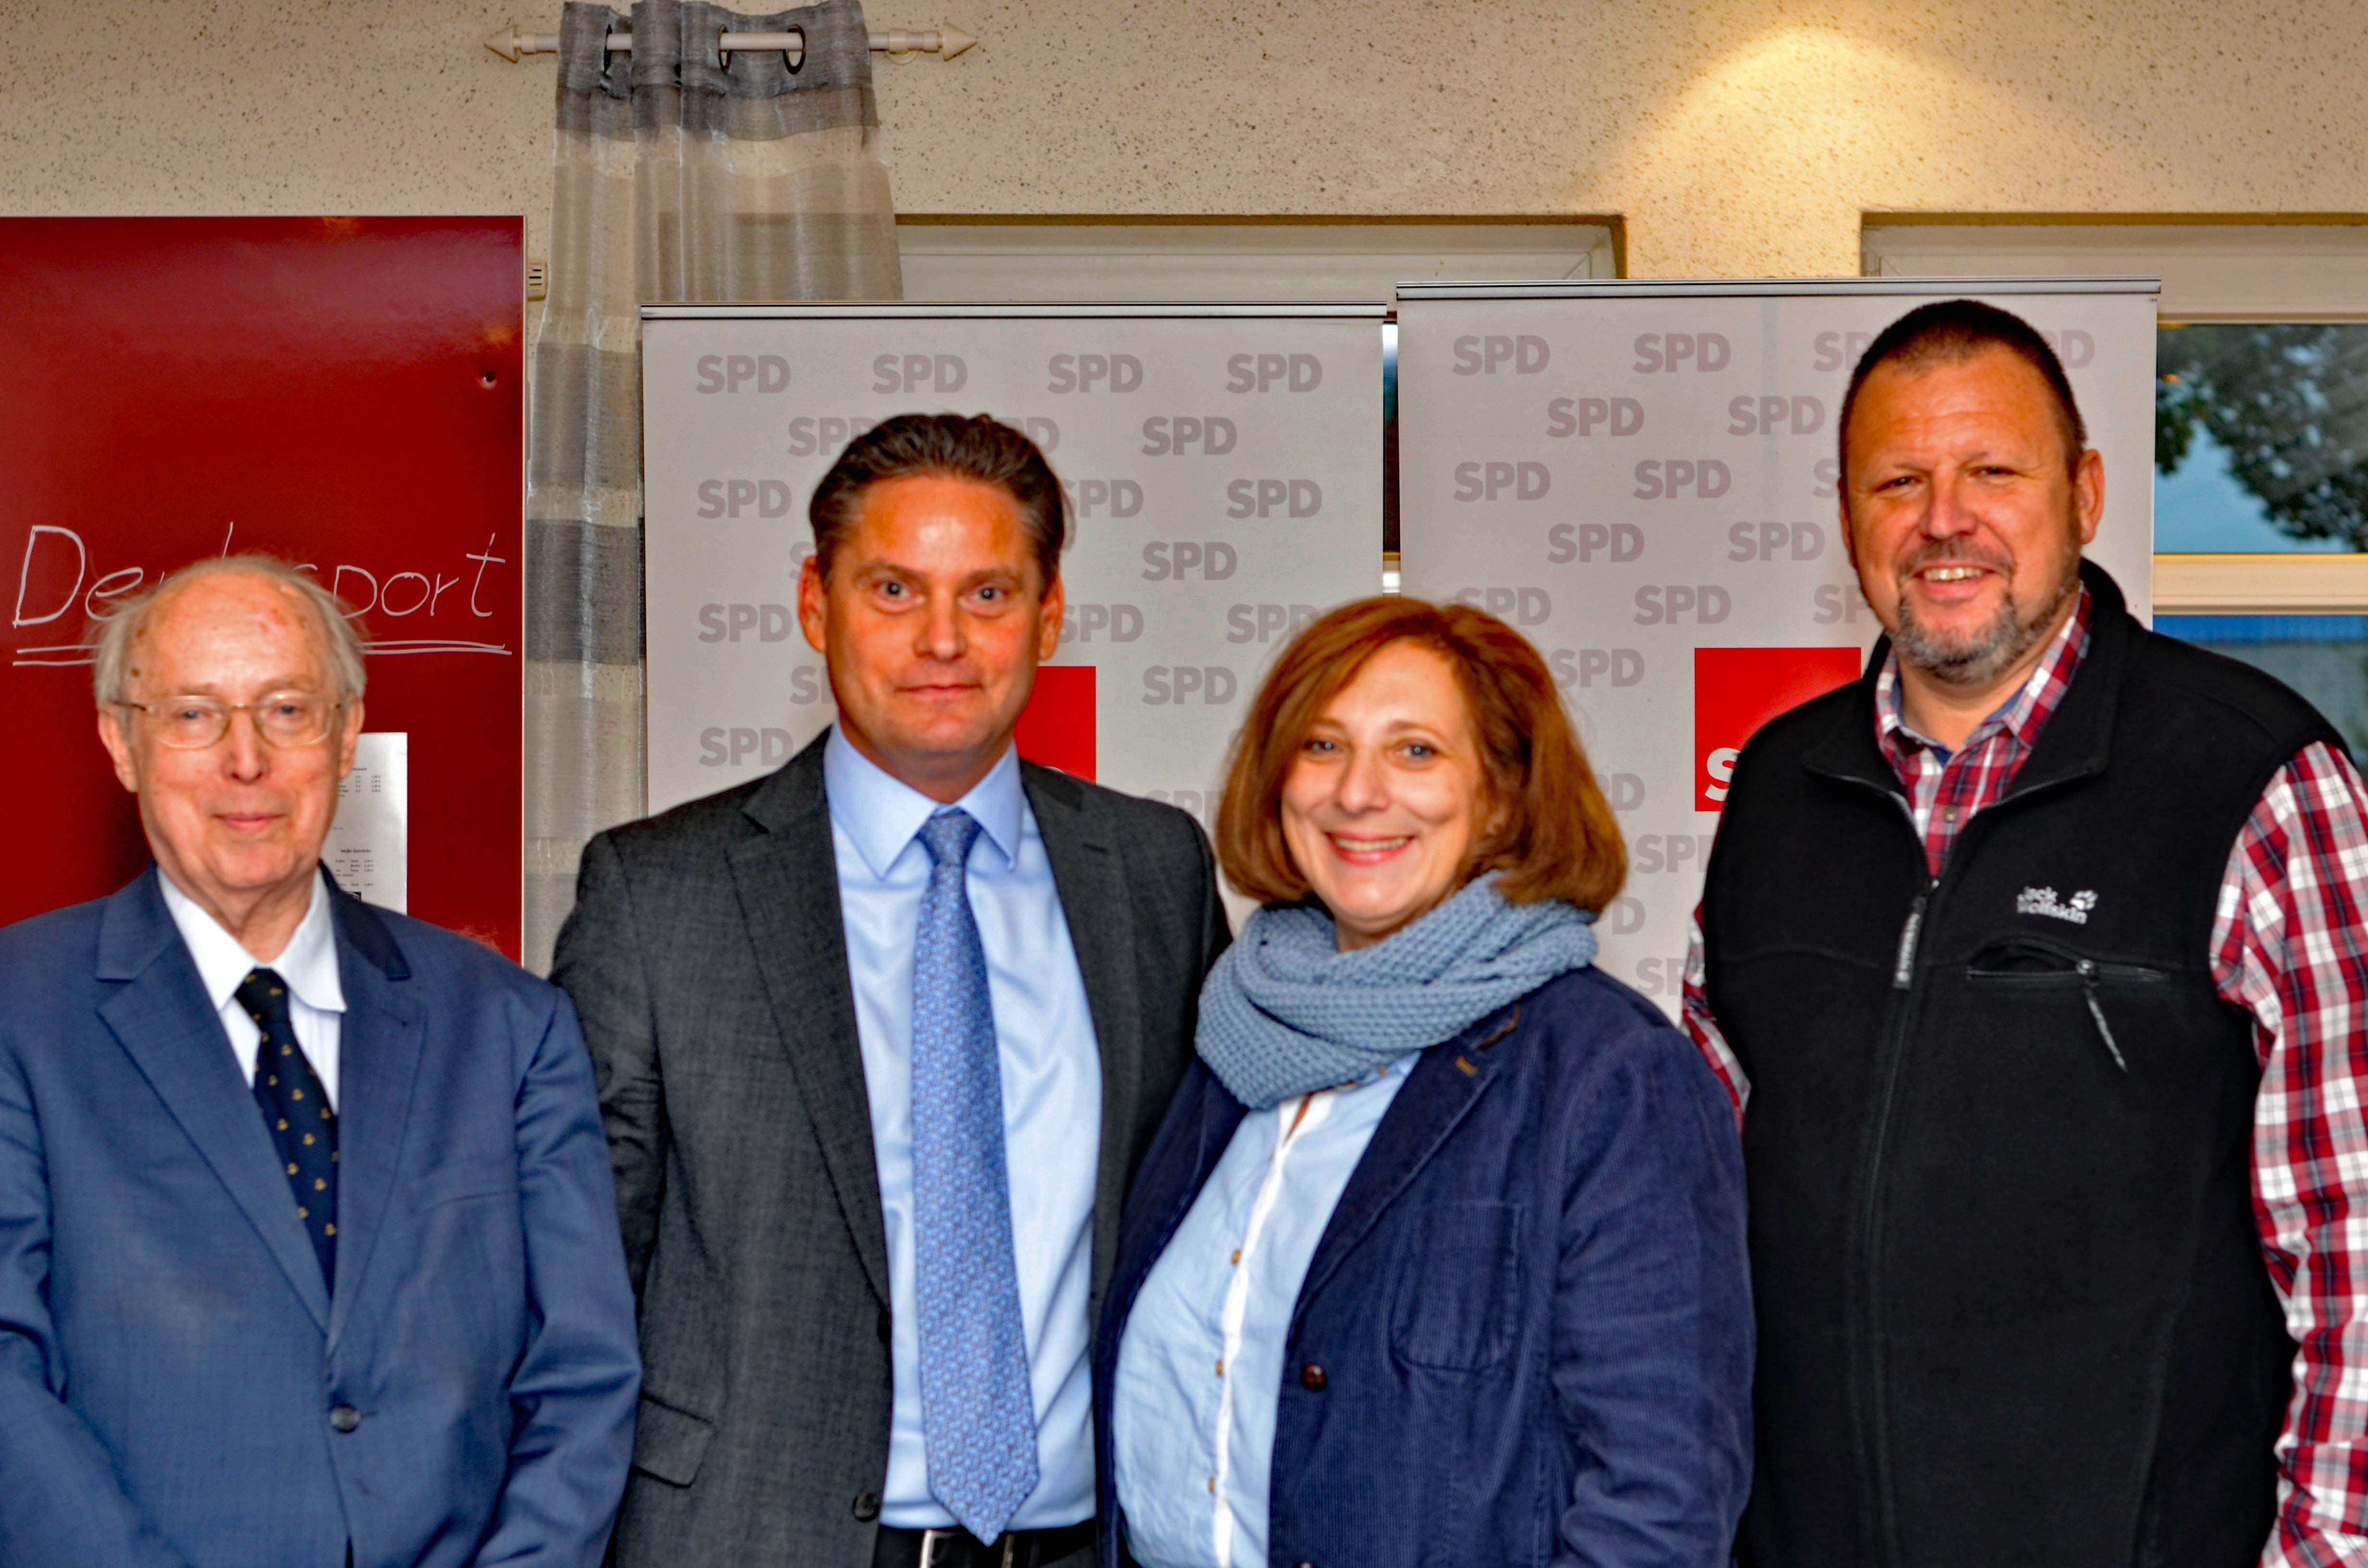 Dr. Klaus G. Röhl, Stefan Zierke, Dr. Daniela De Ridder, Johann Badenhorst